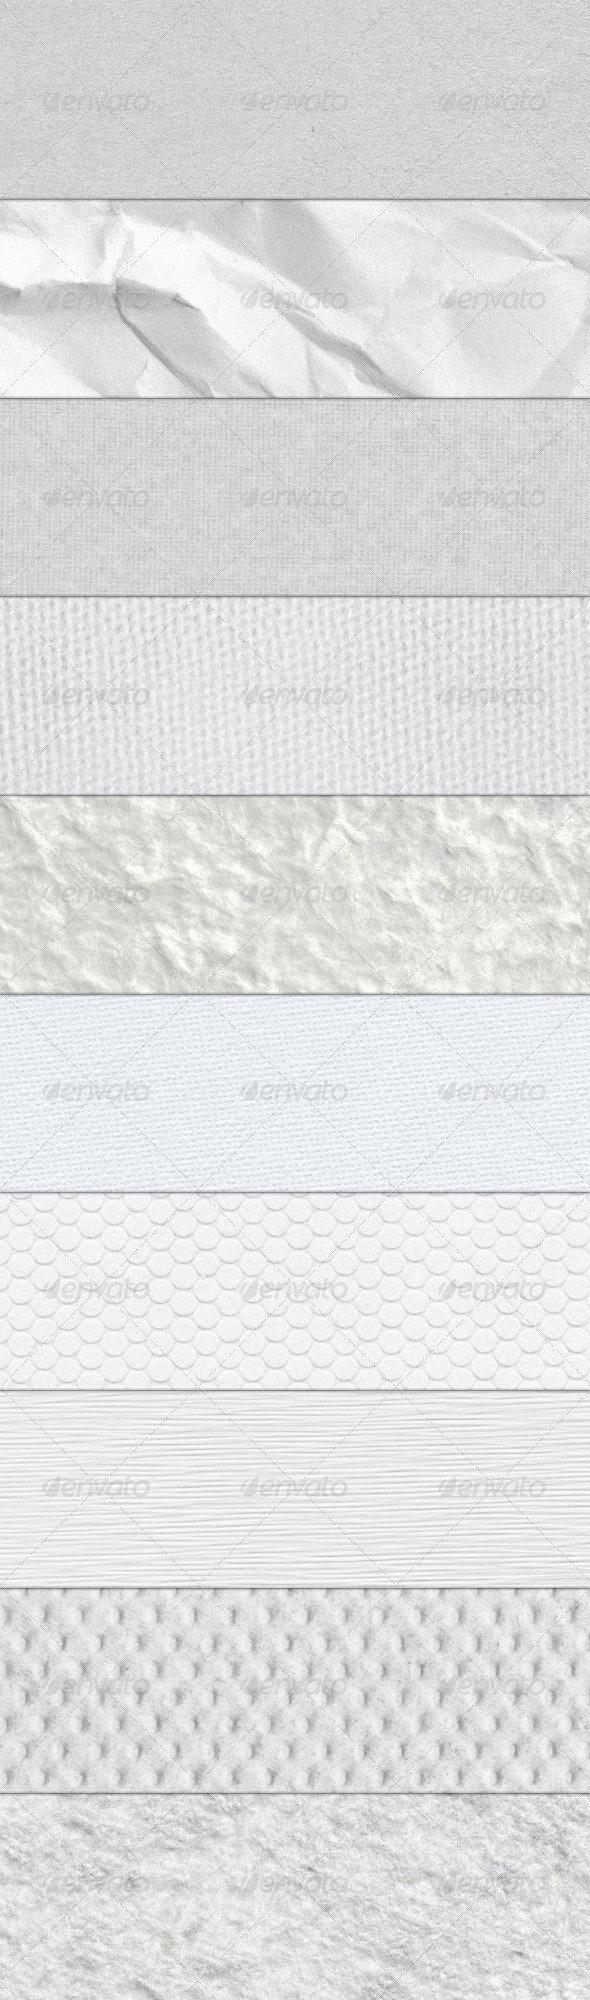 10 Paper Textures - Paper Textures